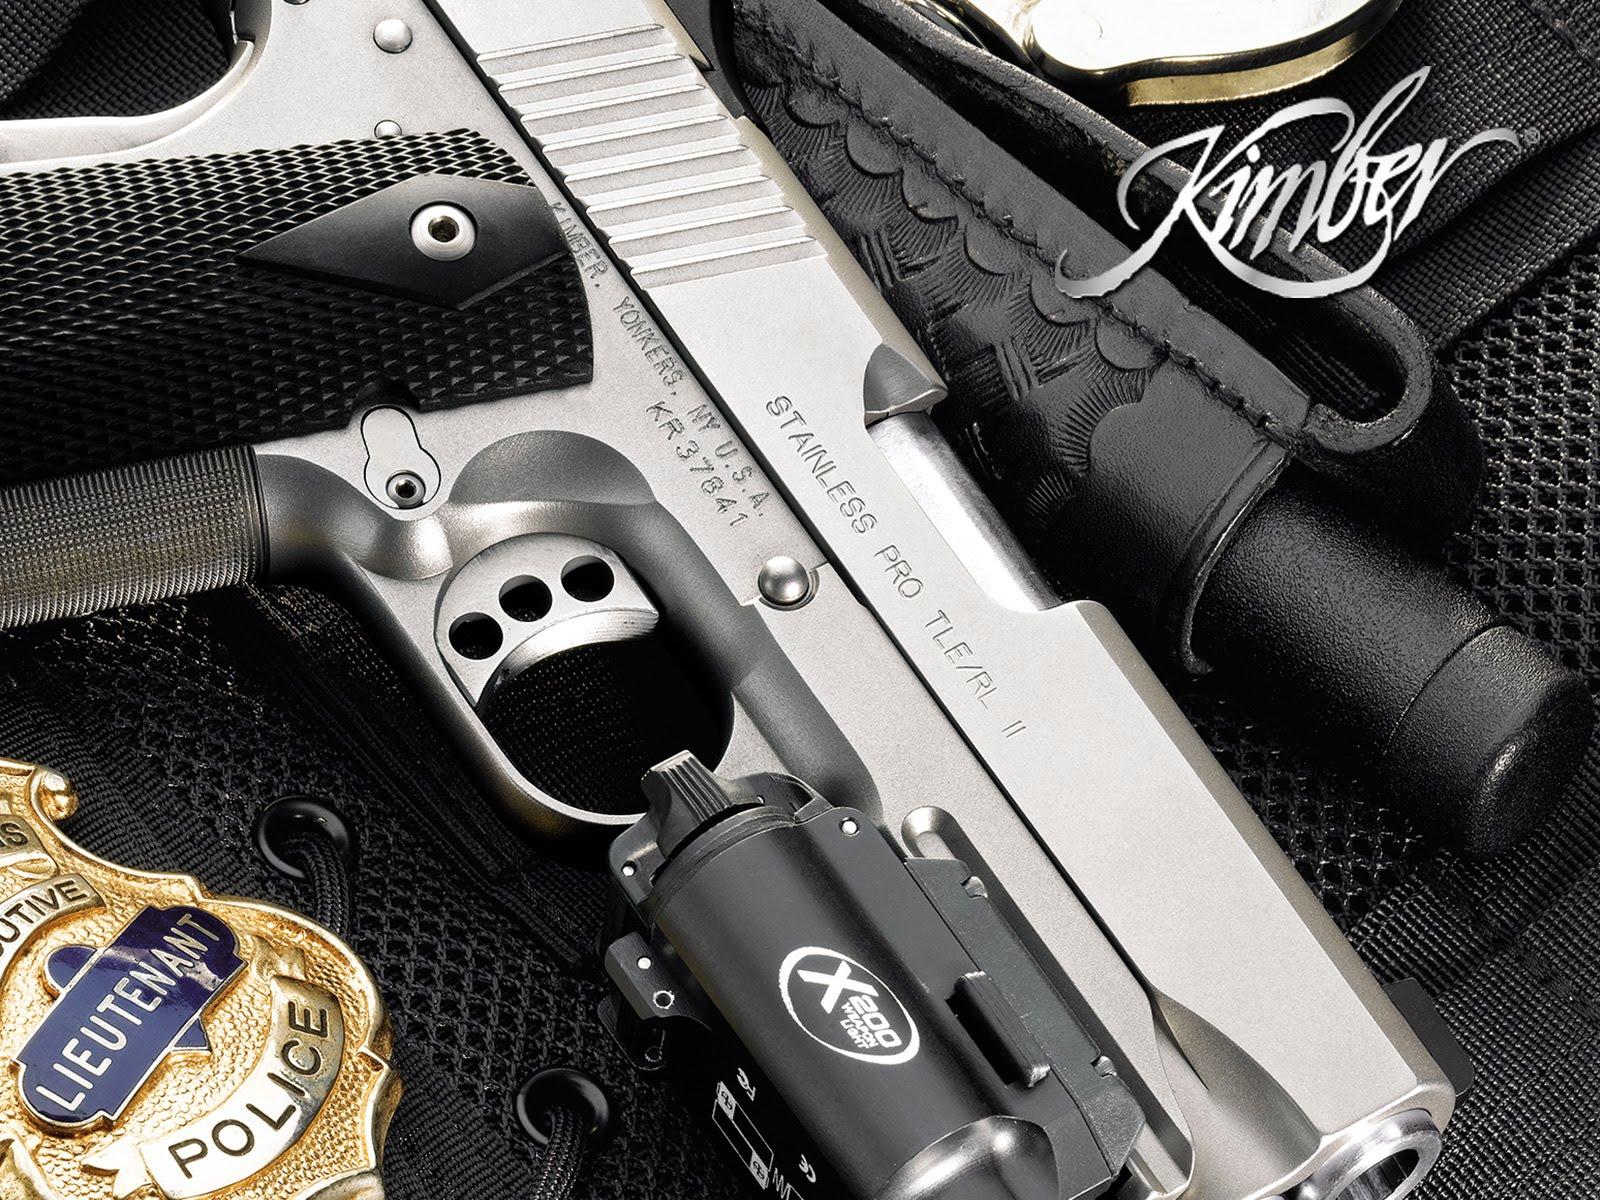 Sfera Gun Club kimber WallPapers 1600x1200